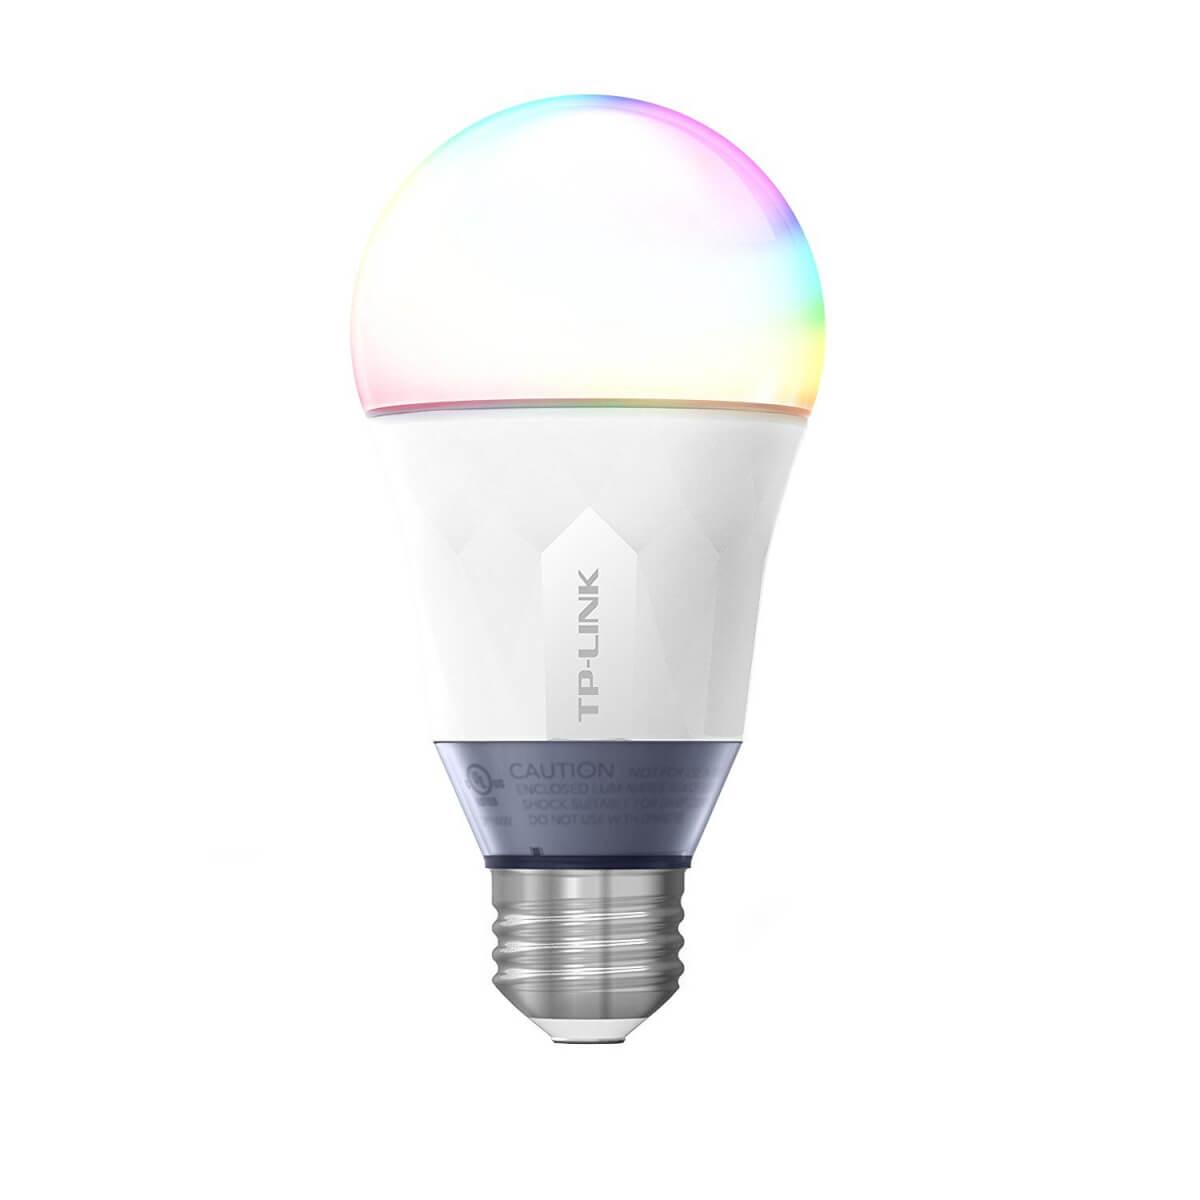 tp-link_bulb_multicolor-compressor